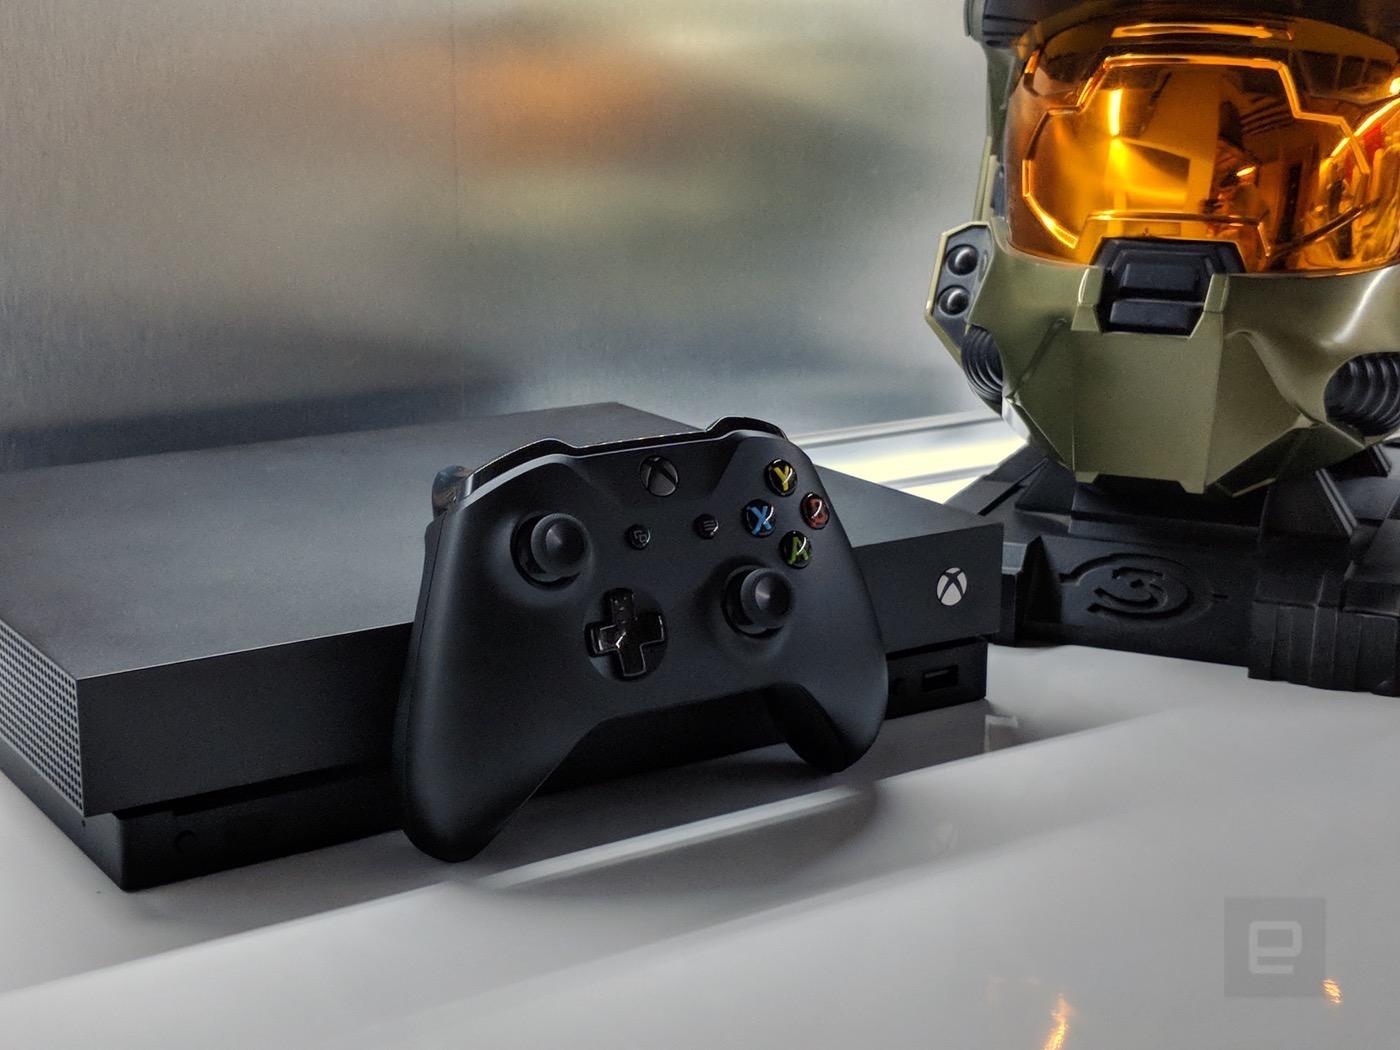 La potente Xbox One X registra mejores ventas que PS4 Pro en Reino Unido